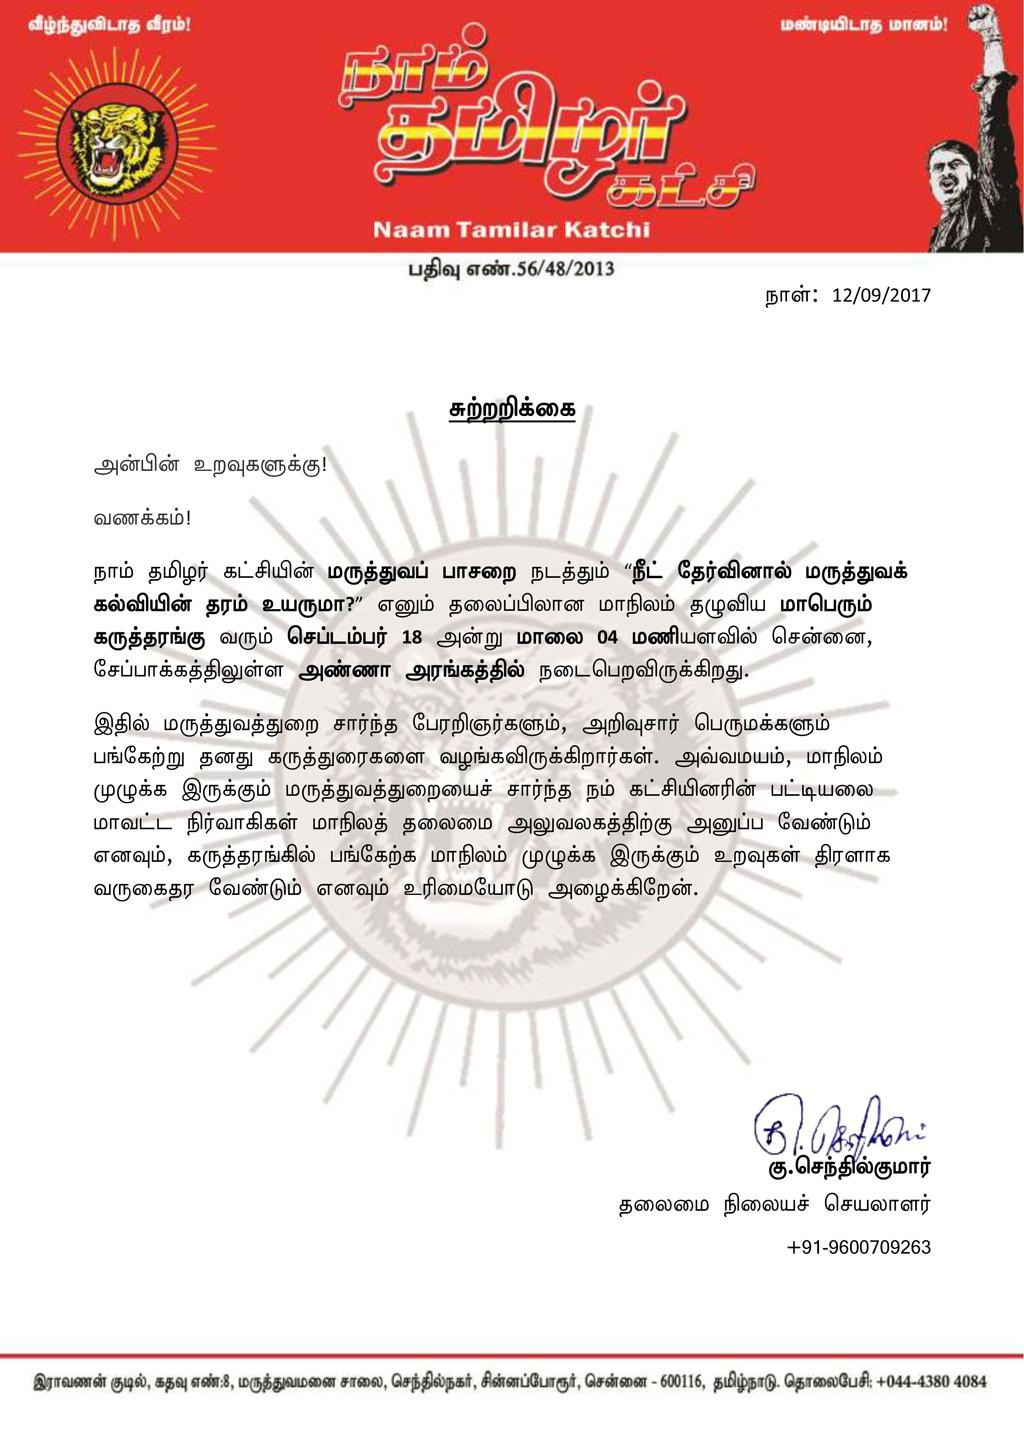 சுற்றறிக்கை: மருத்துவப் பாசறை நடத்தும் மாநிலம் தழுவிய மாபெரும் கருத்தரங்கு தொடர்பாக justice for anitha neet is essential for medical educations growth conference senthilkumar notification